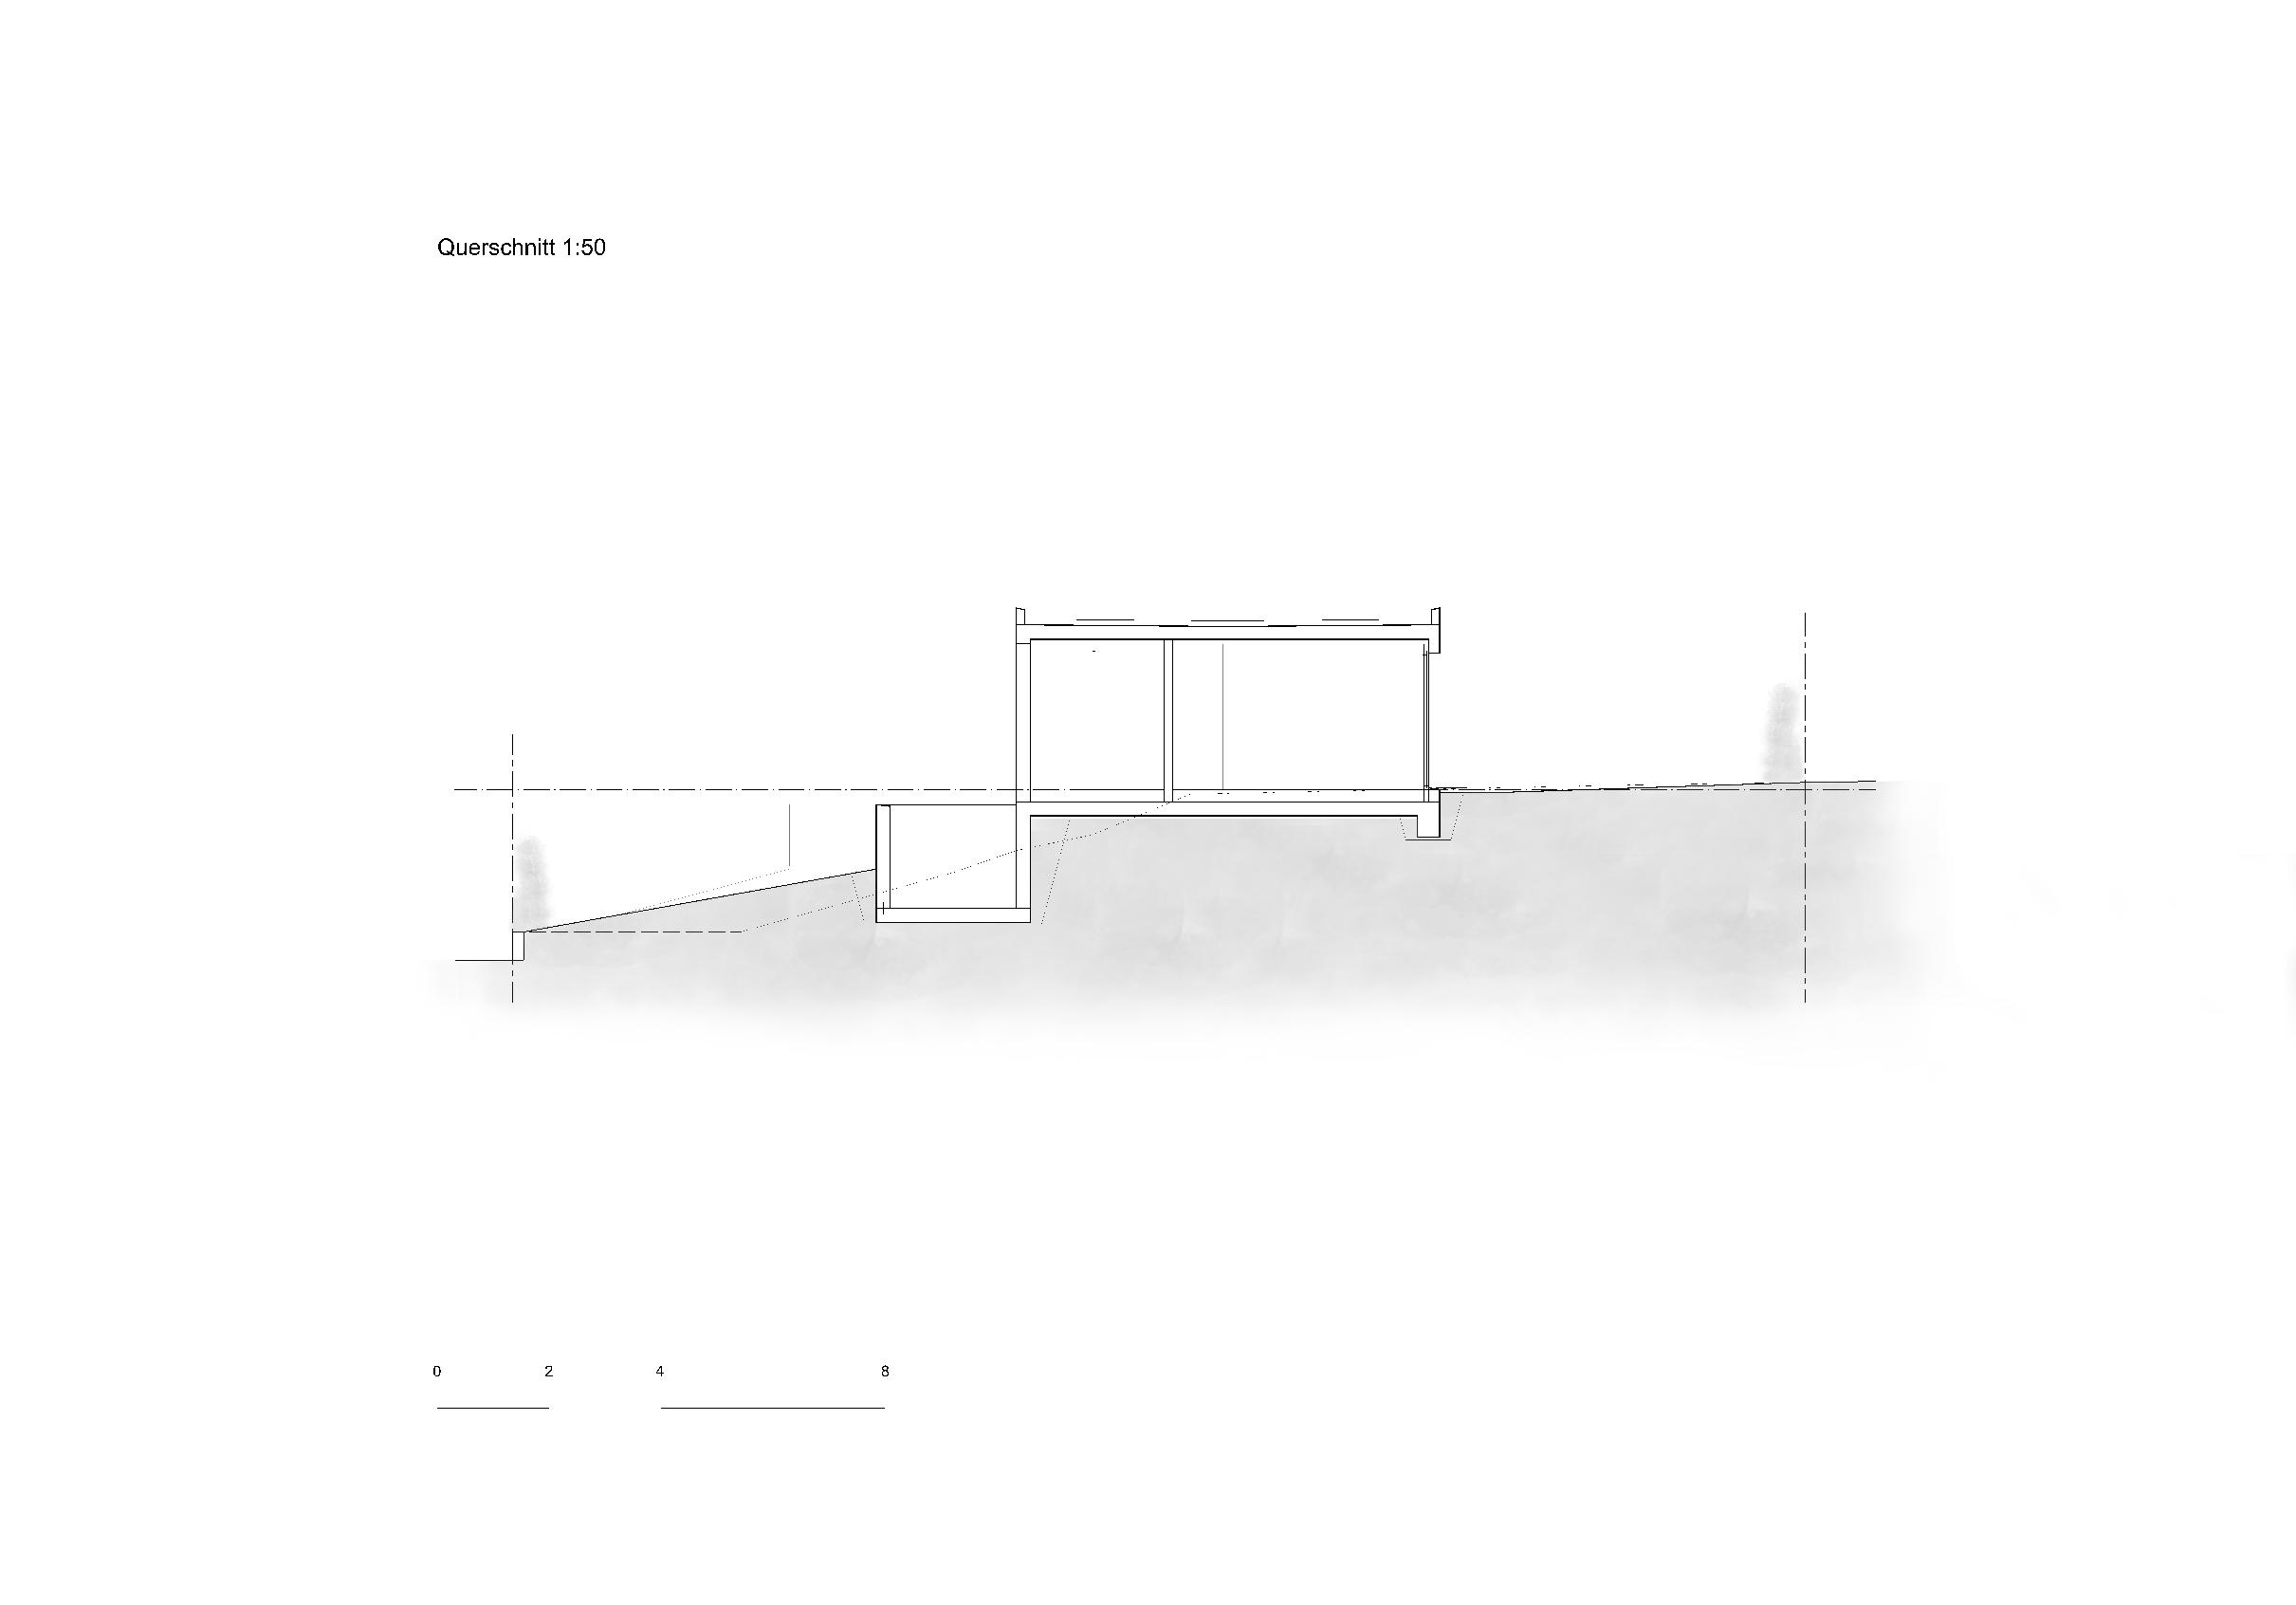 Querschnitt 1:50 Ersatzneubau - Bungalow Mediterrano von Studio Baumann